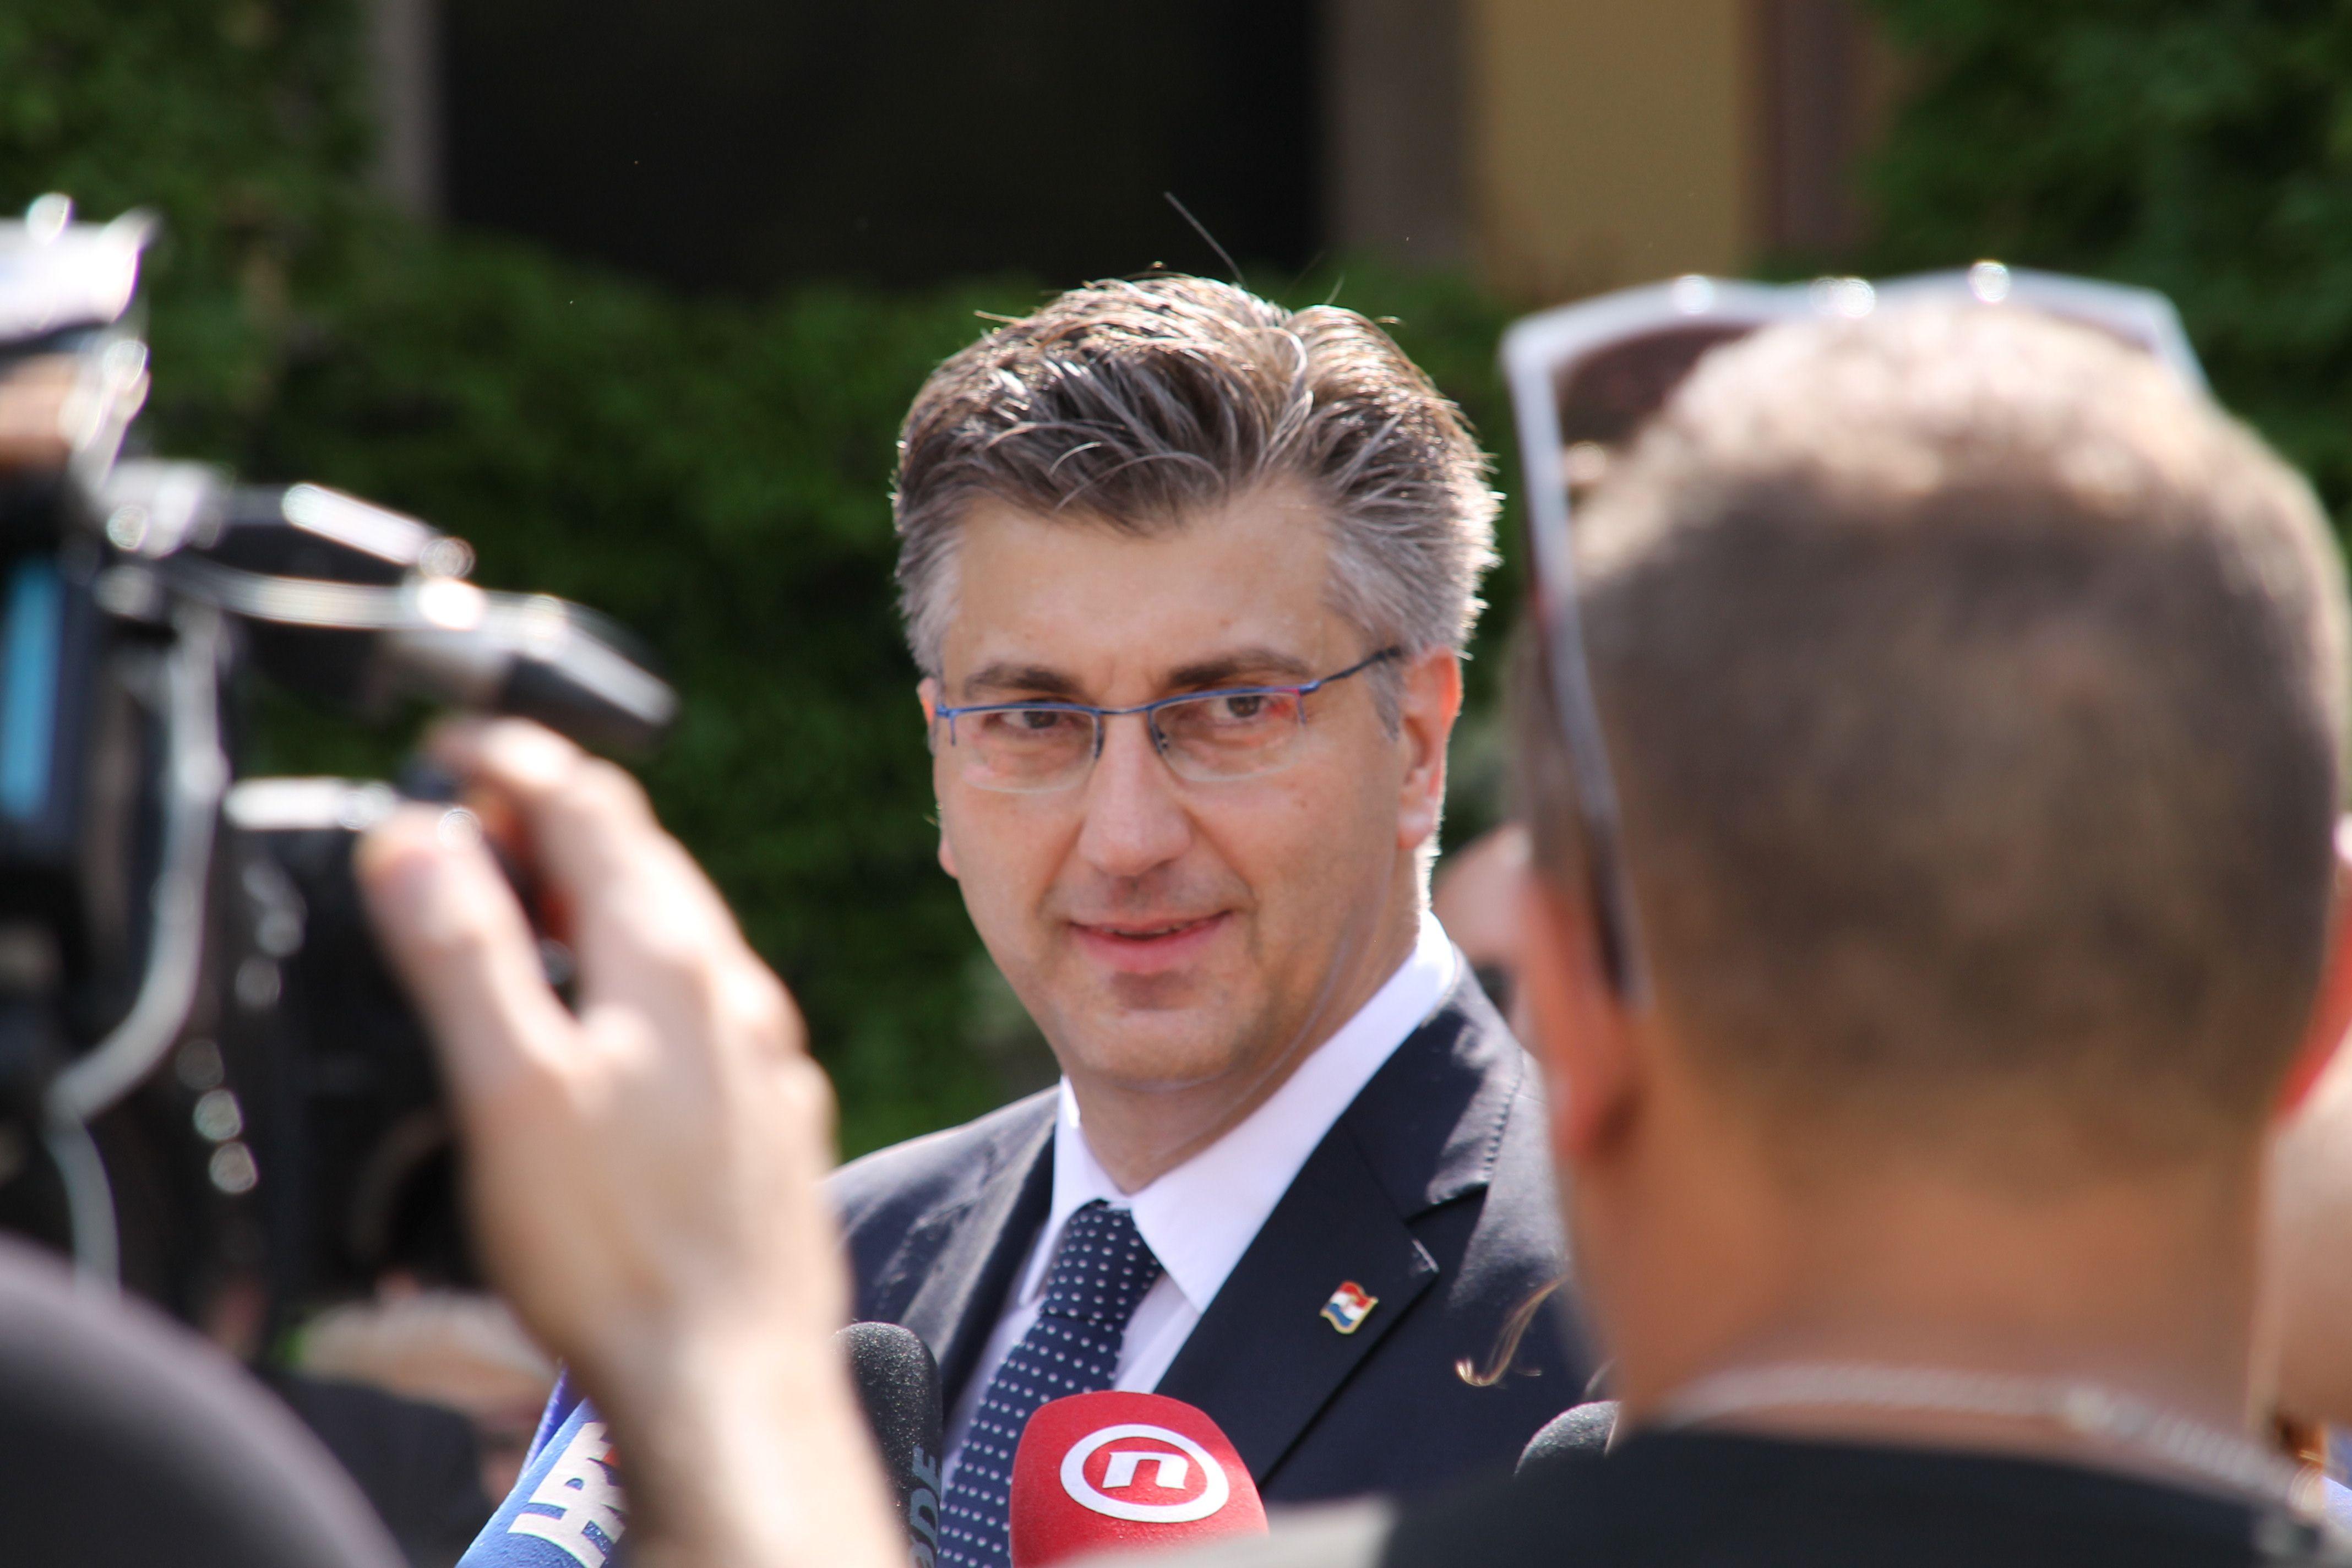 """Plenković: Povjerenstvo je nepotrebno pokrenulo postupak; """"Cijela ova priča je jedna konstrukcija i jedini cilj da učini političku i medijsku štetu"""""""